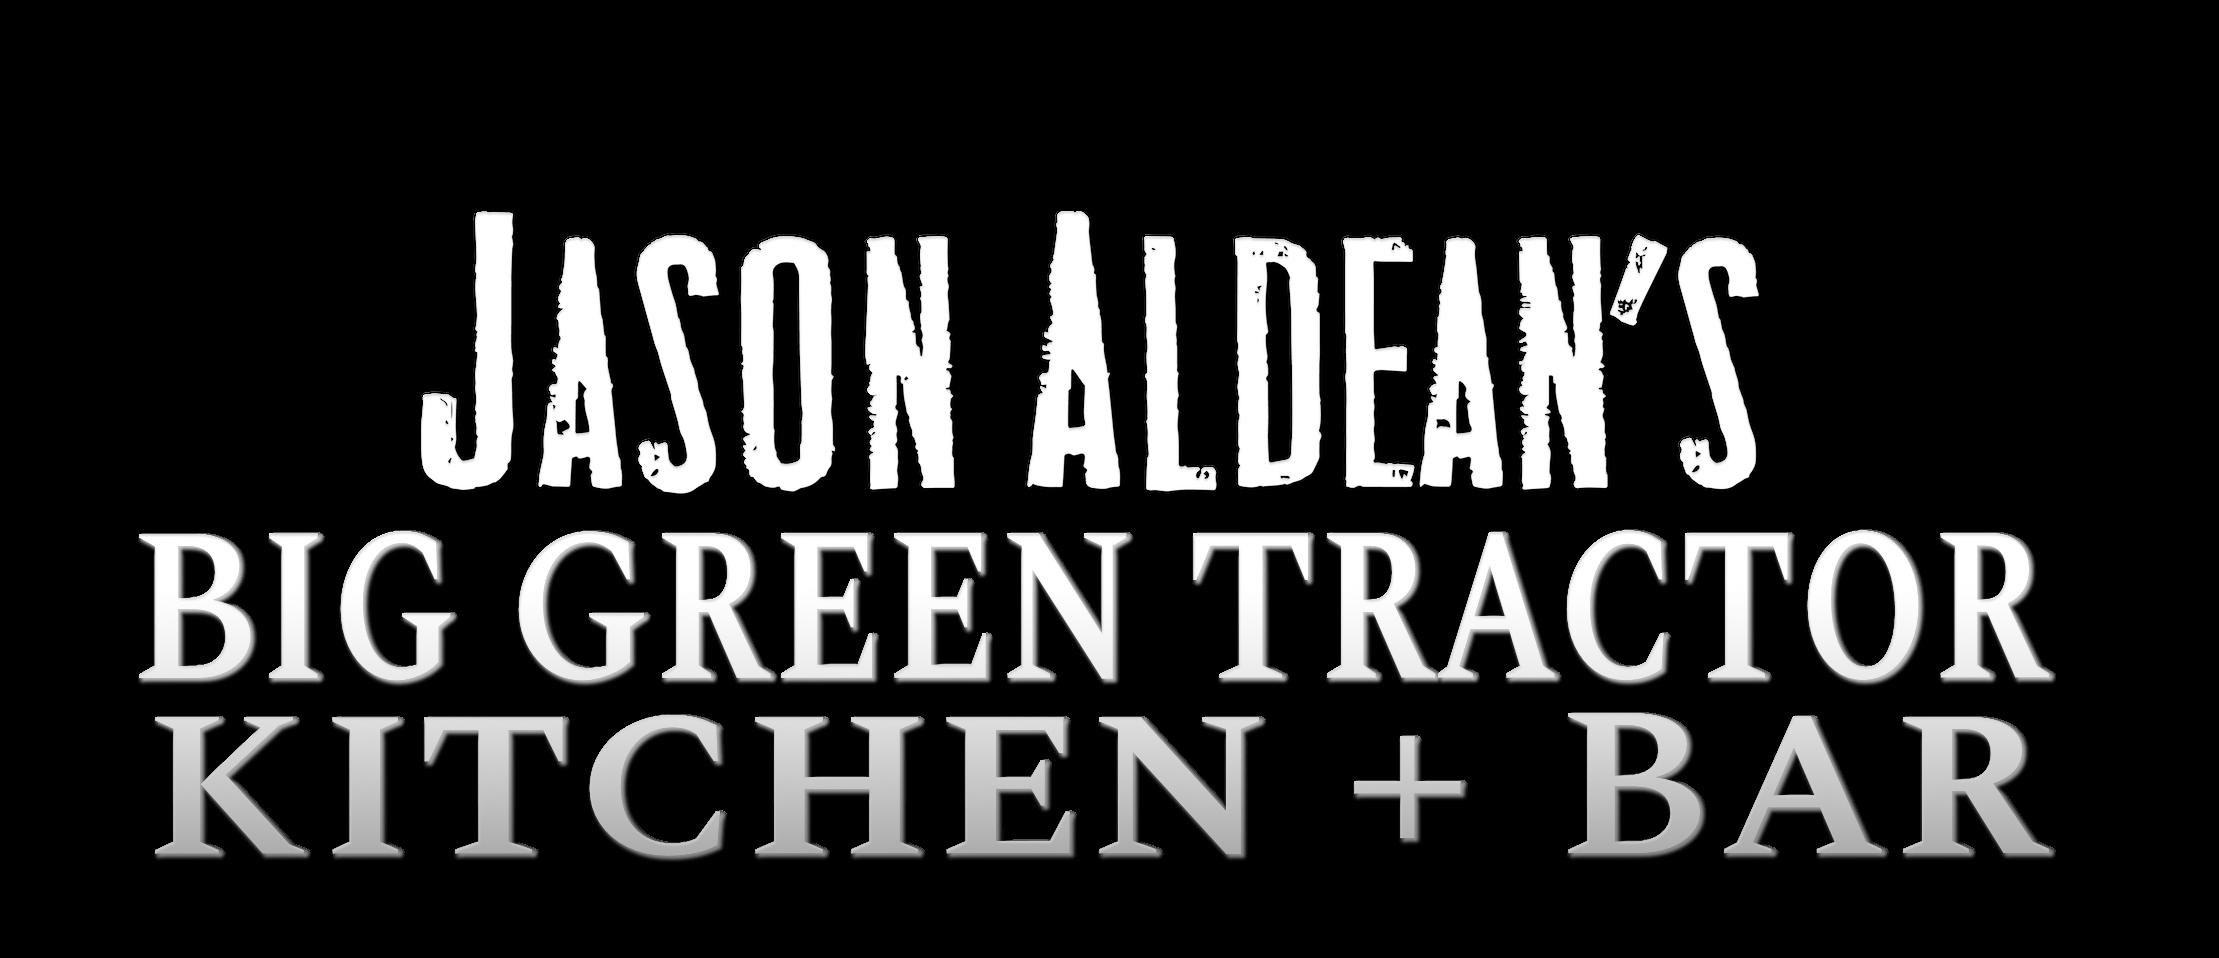 Jason Aldean Kitchen-Bar